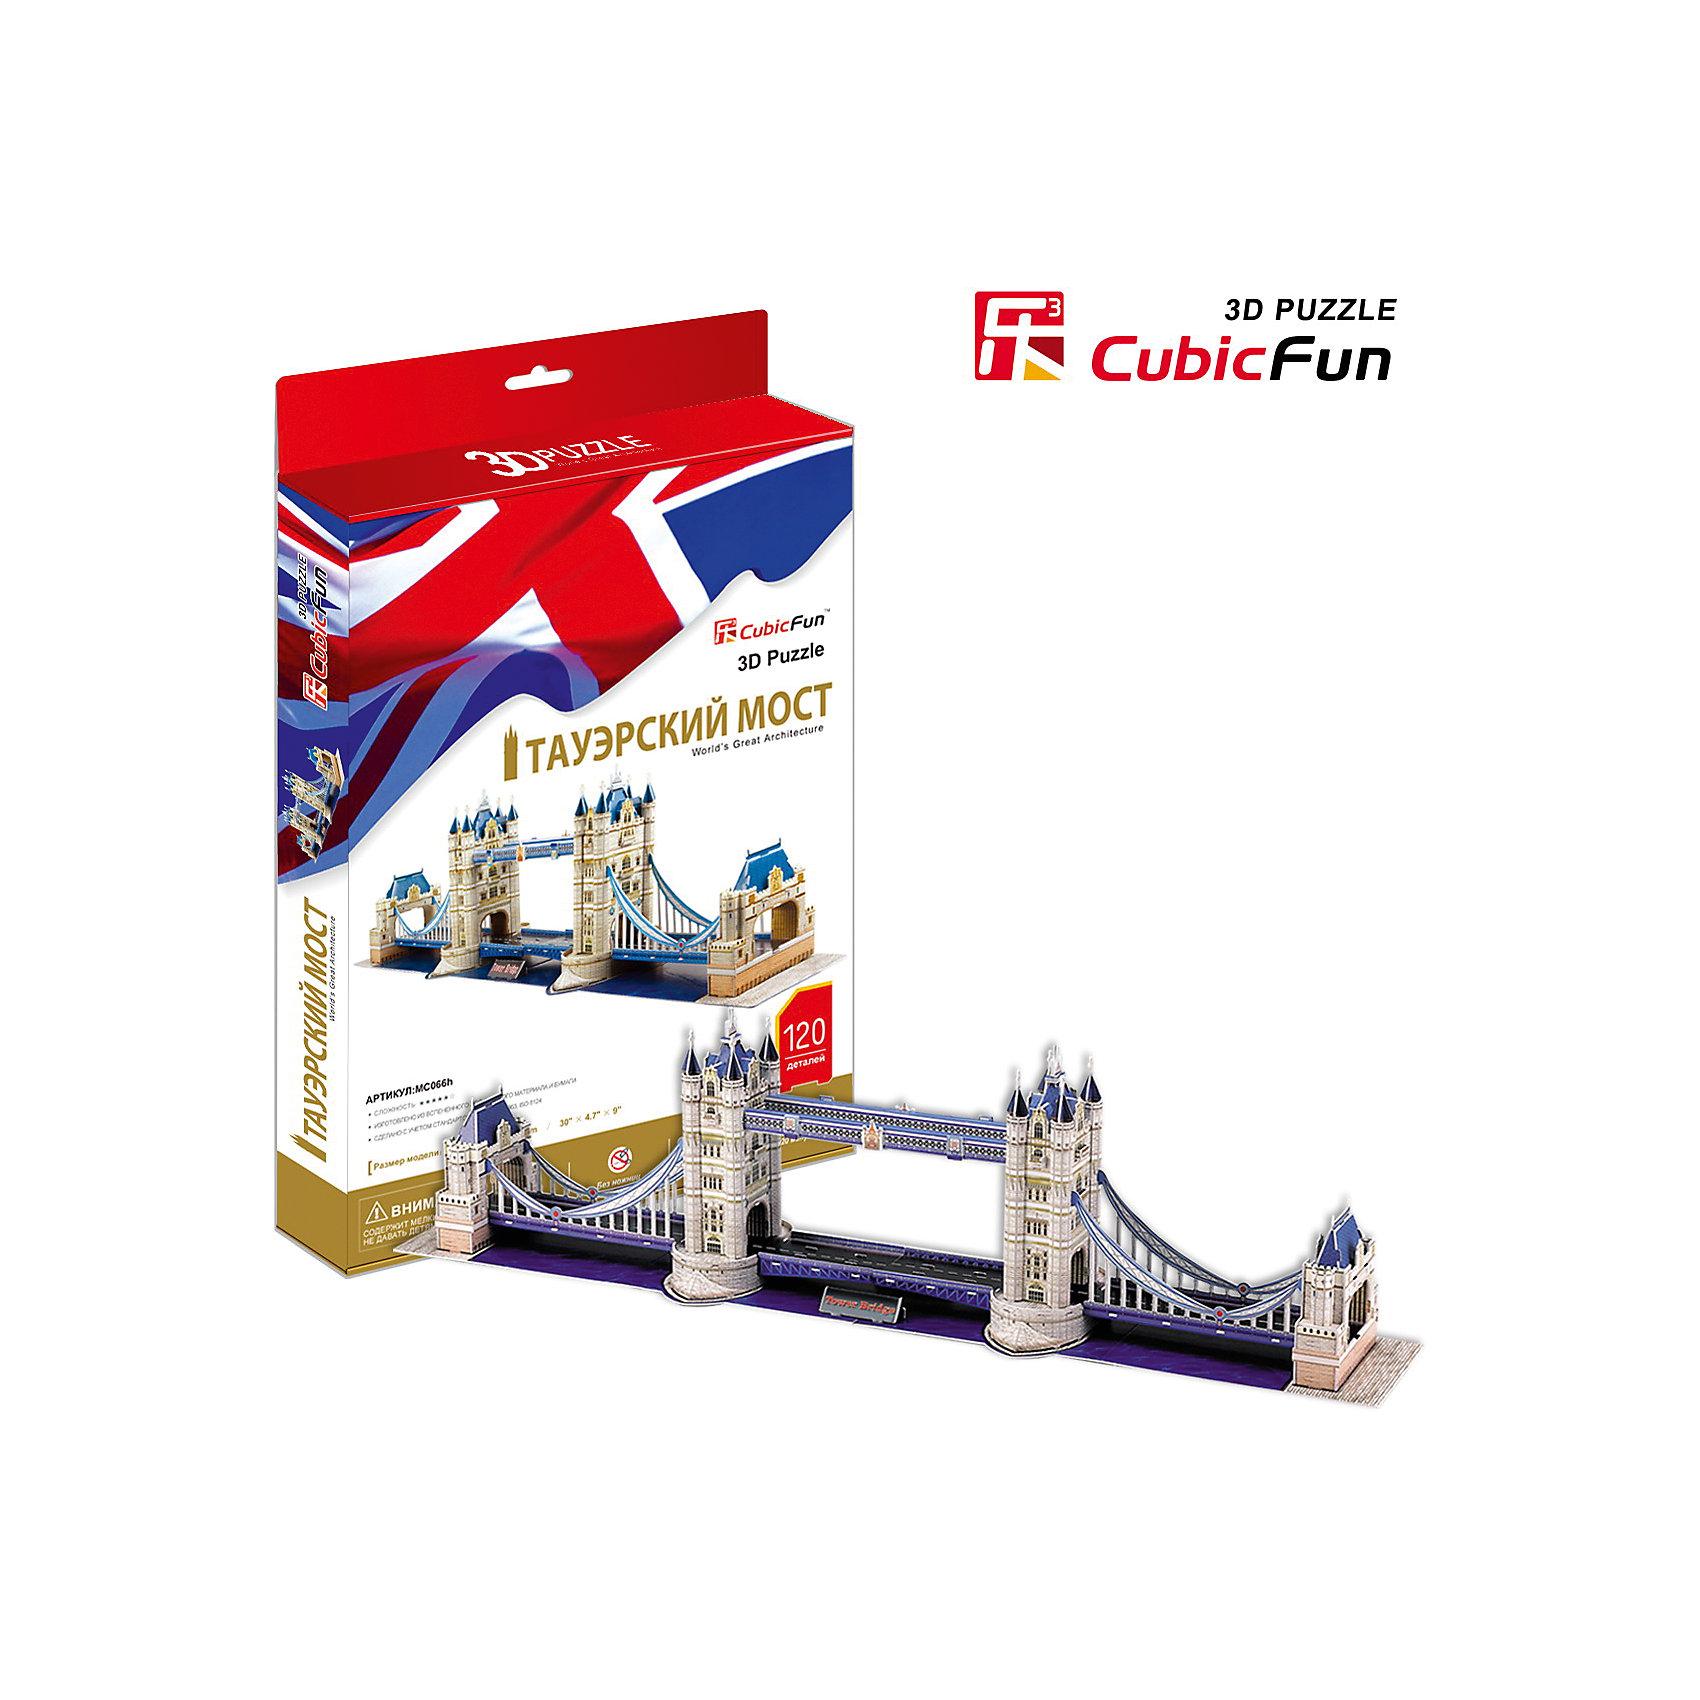 Пазл 3D Тауэрский Мост (Великобритания), CubicFun3D пазлы<br>Cubic Fun MC066h Кубик фан Тауэрский Мост (Великобритания)<br>Тауэрский мост — разводной мост в центре Лондона над рекой Темзой, недалеко от Лондонского Тауэра. Иногда его путают с Лондонским мостом, расположенным выше по течению. Открыт в 1894 году. Также является одним из символов Британии.<br>Уровень сложности - 5<br>Функции:<br>- помогает в развитии логики и творческих способностей ребенка;<br>- помогает в формировании мышления, речи, внимания, восприятия и воображения;<br>- развивает моторику рук;<br>- расширяет кругозор ребенка и стимулирует к познанию новой информации;<br>Практические характеристики:<br>- обучающая, яркая и реалистичная модель;<br>- идеально и легко собирается без инструментов;<br>- увлекательный игровой процесс;<br>- тематический ассортимент;<br>- новый качественный материал (ламинированный пенокартон).<br><br>Ширина мм: 40<br>Глубина мм: 300<br>Высота мм: 230<br>Вес г: 626<br>Возраст от месяцев: 72<br>Возраст до месяцев: 192<br>Пол: Унисекс<br>Возраст: Детский<br>SKU: 4951150